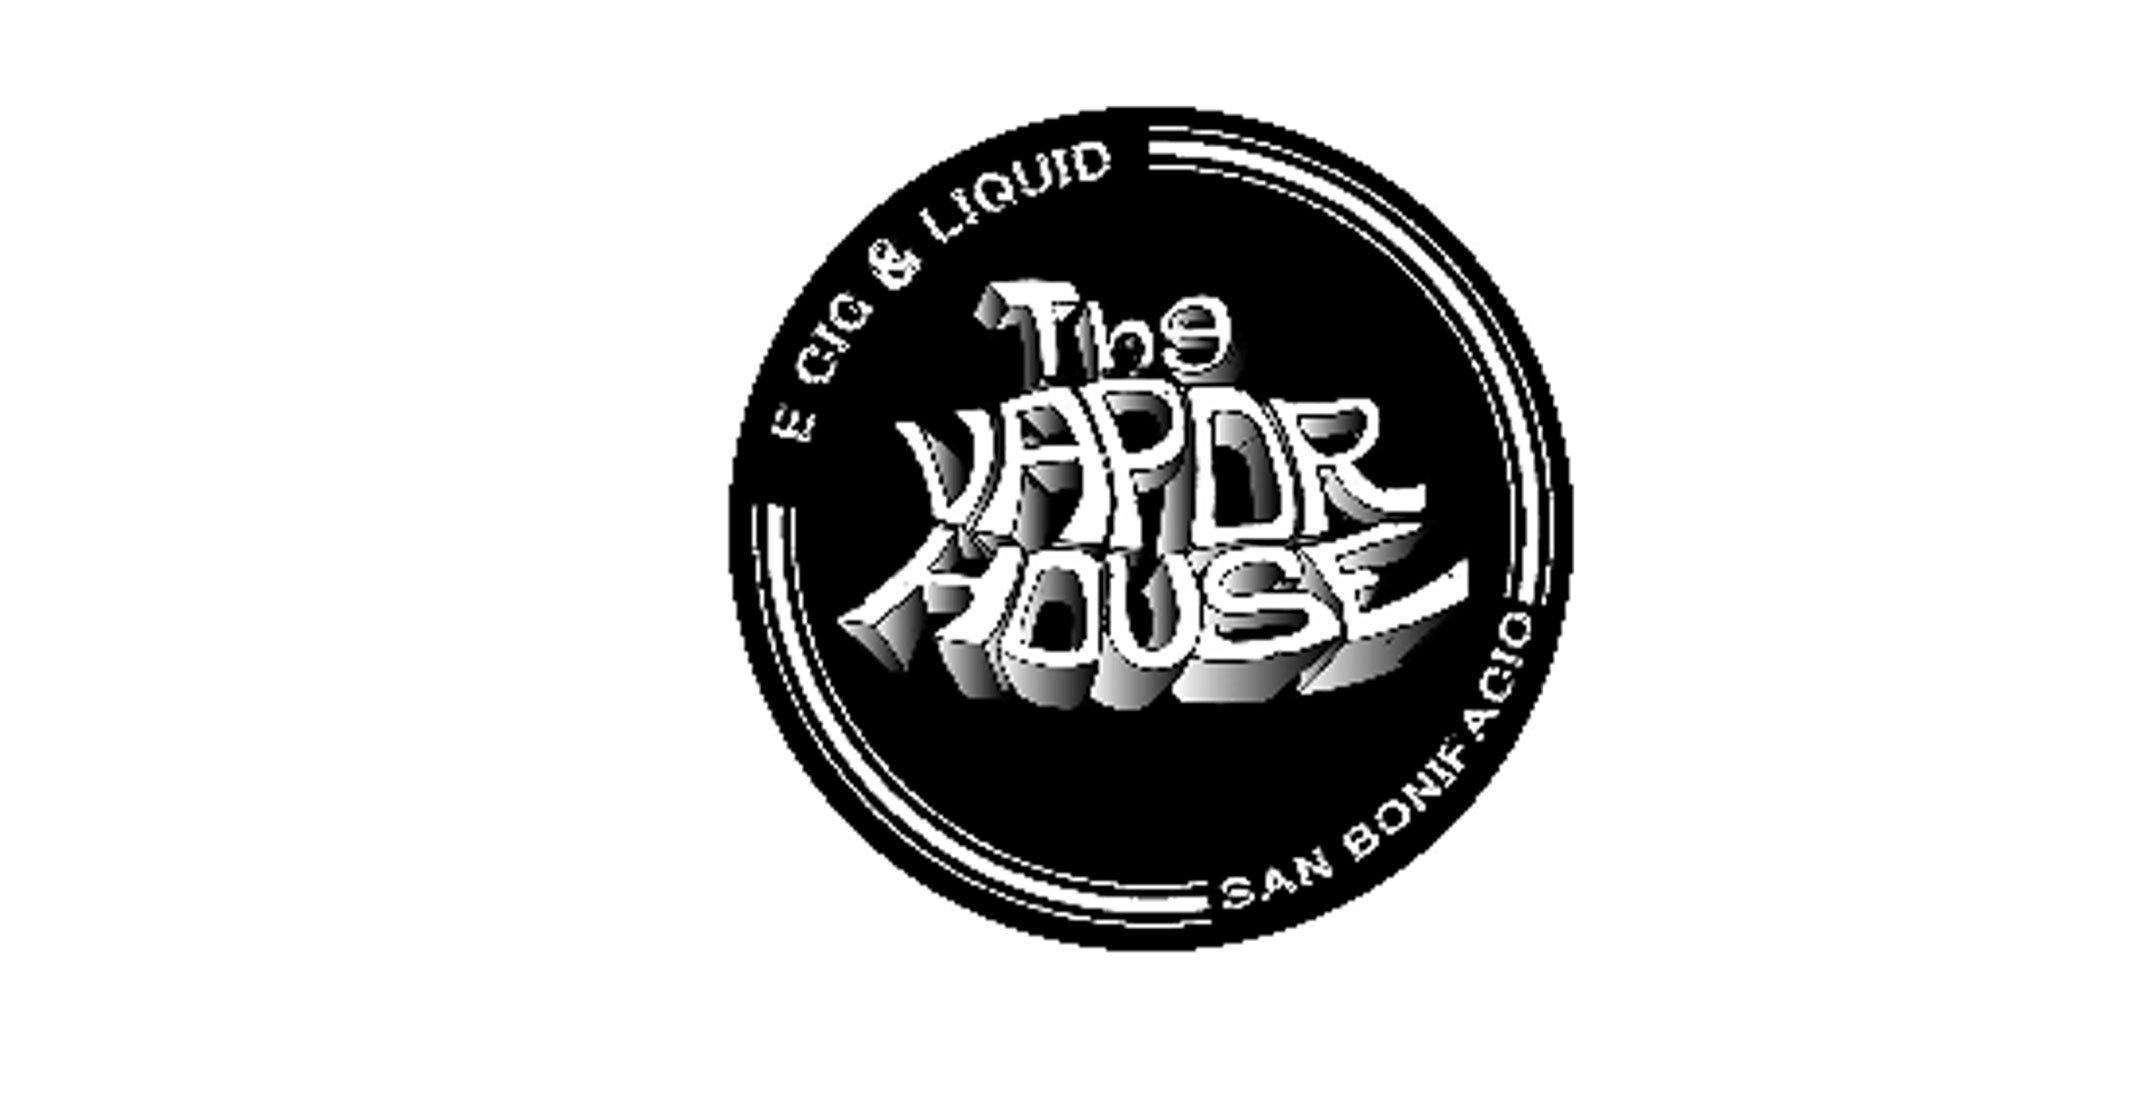 Logo-Thevaporhouse